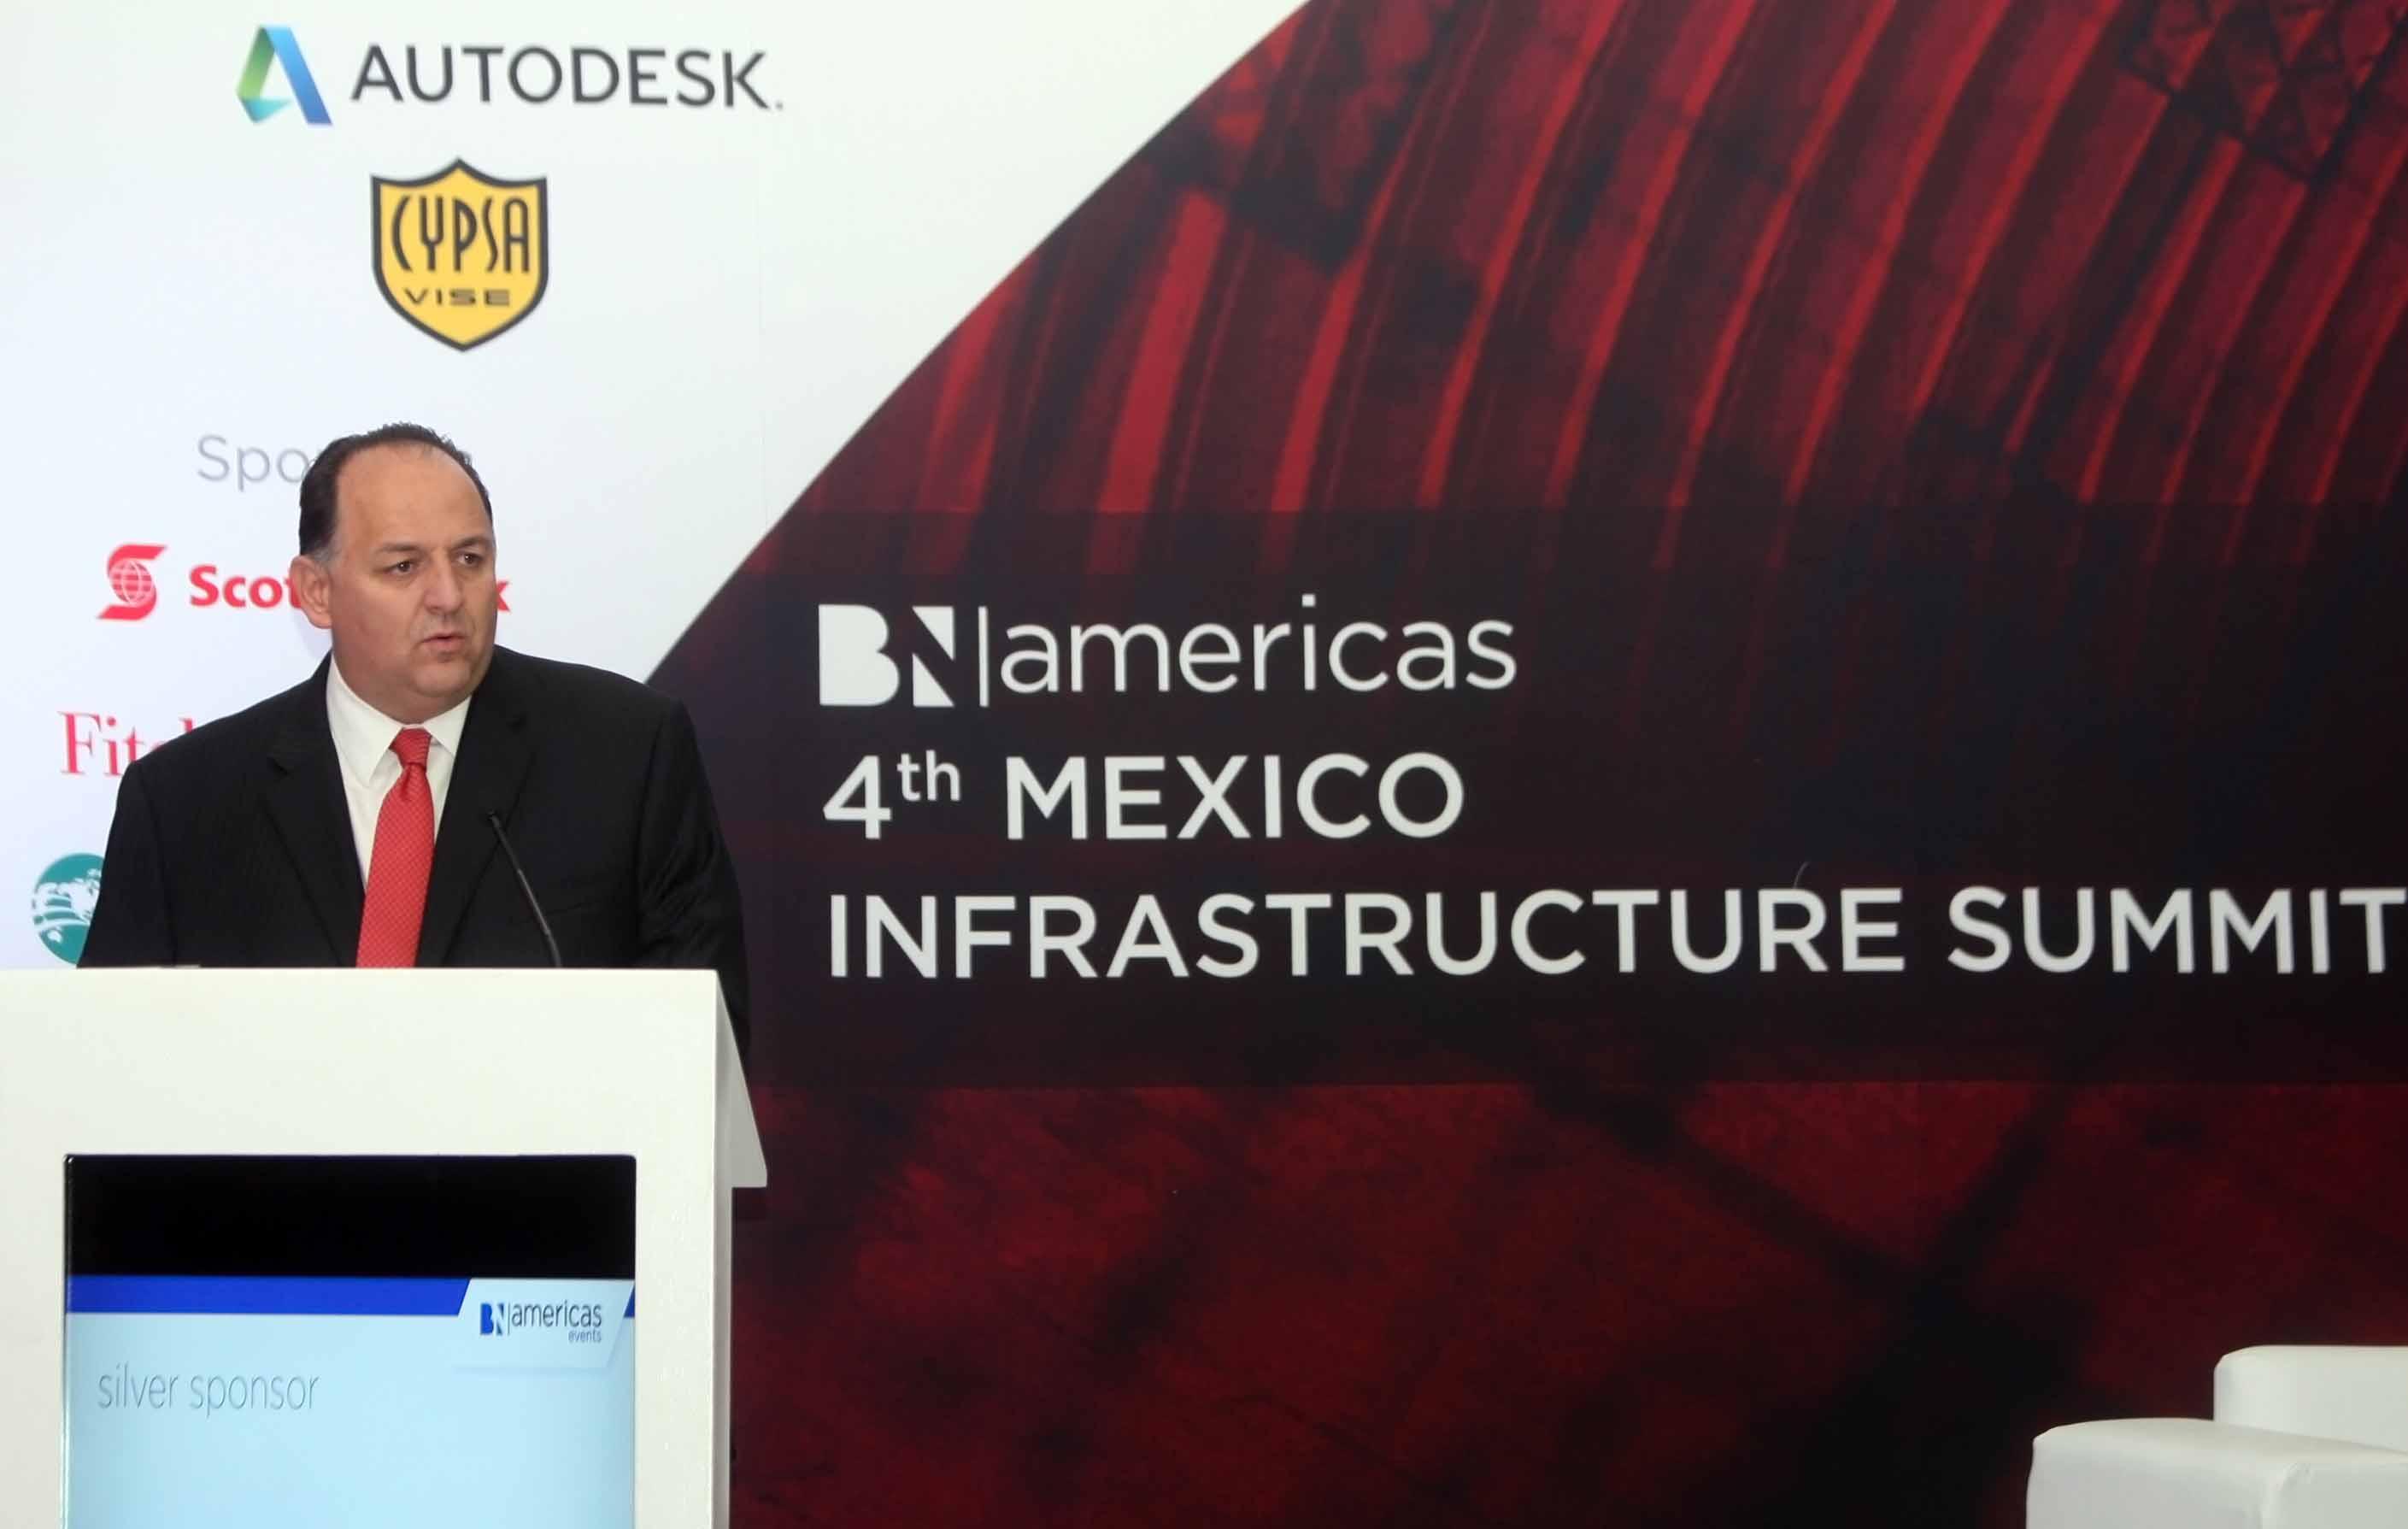 Este será un gran año para la infraestructura en México: Raúl Murrieta Cummings